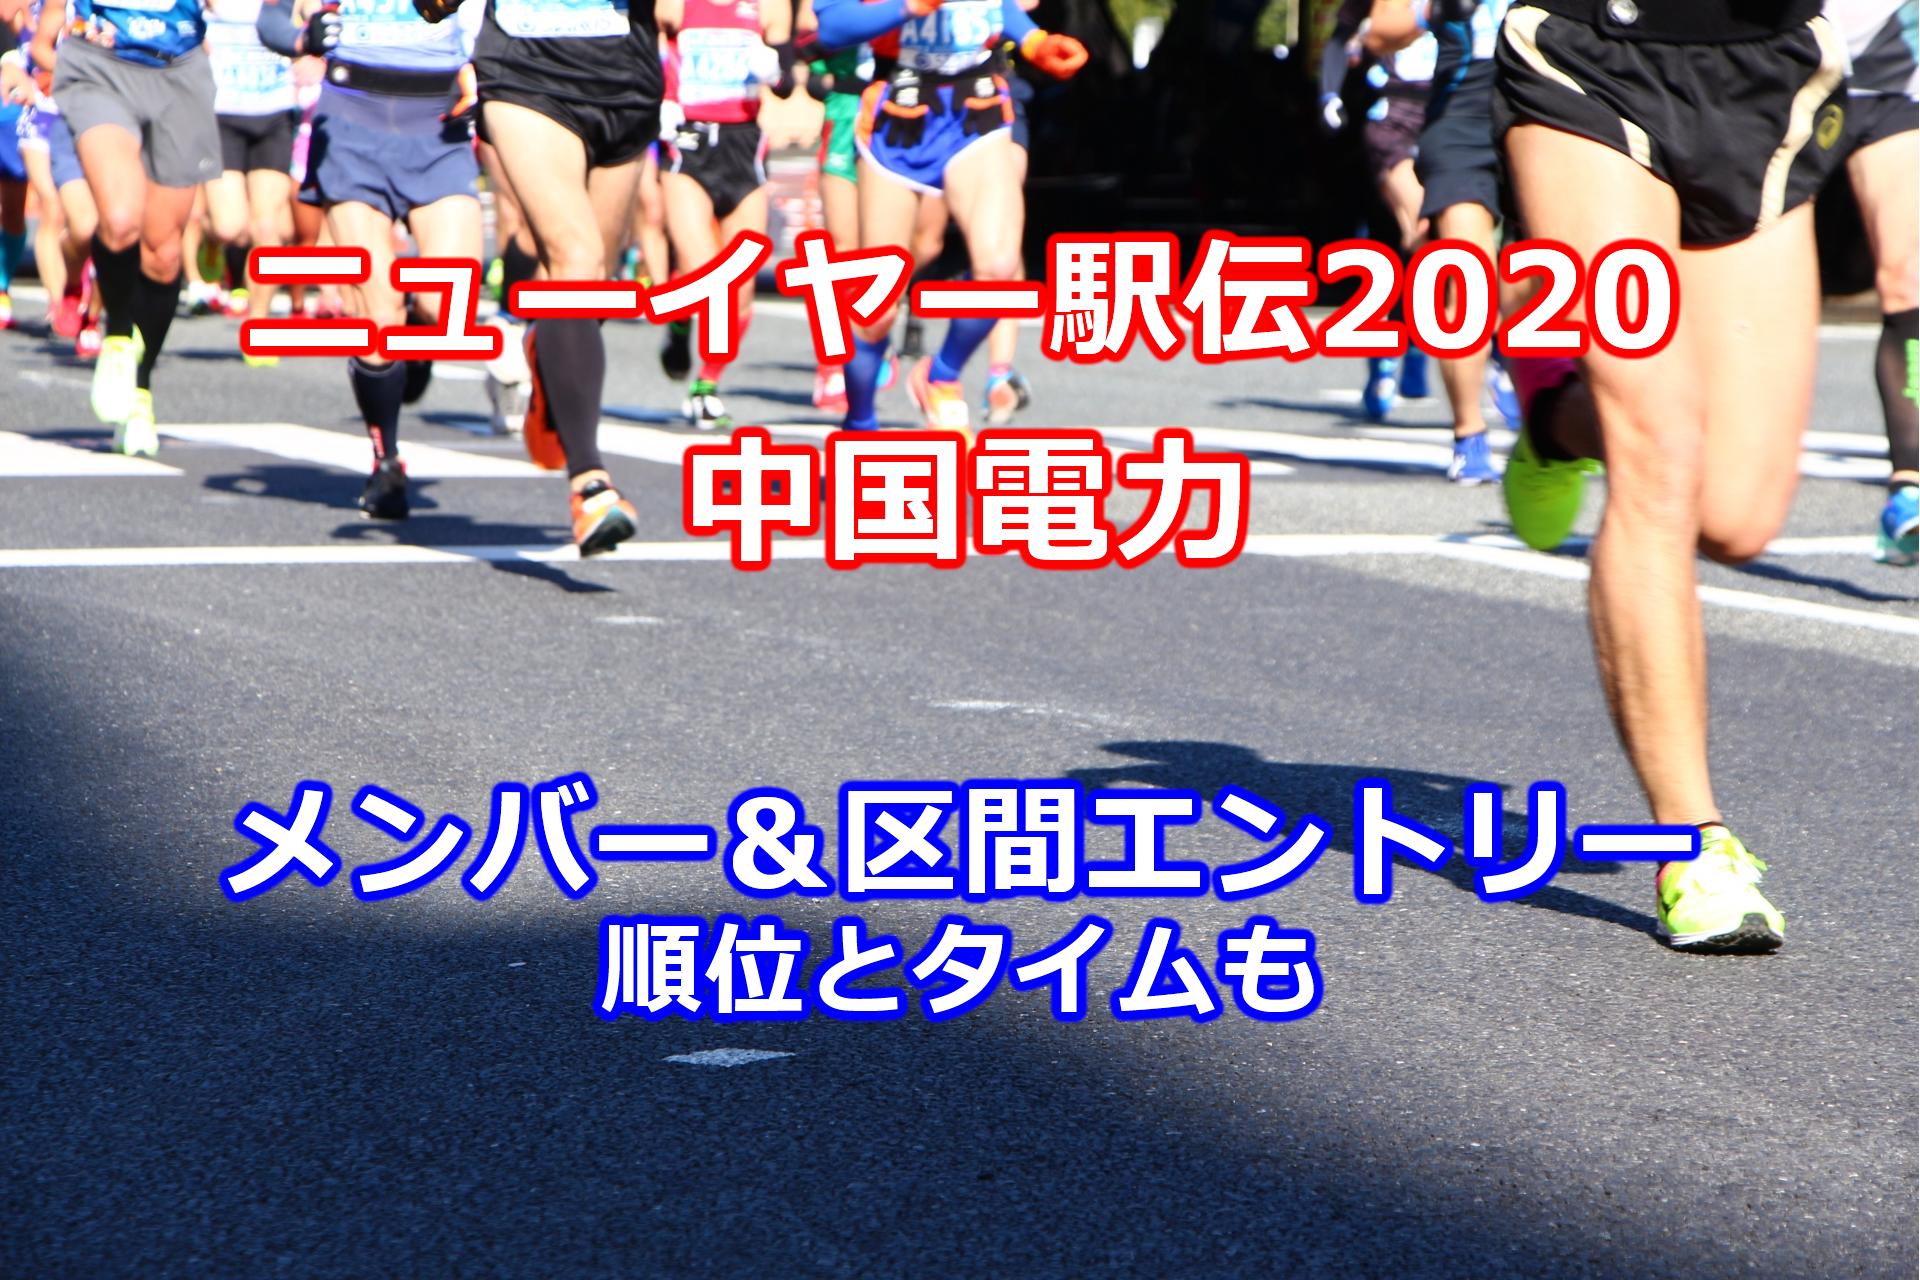 ニューイヤー駅伝2020中国電力メンバー・区間エントリー・結果・順位・タイムまとめ